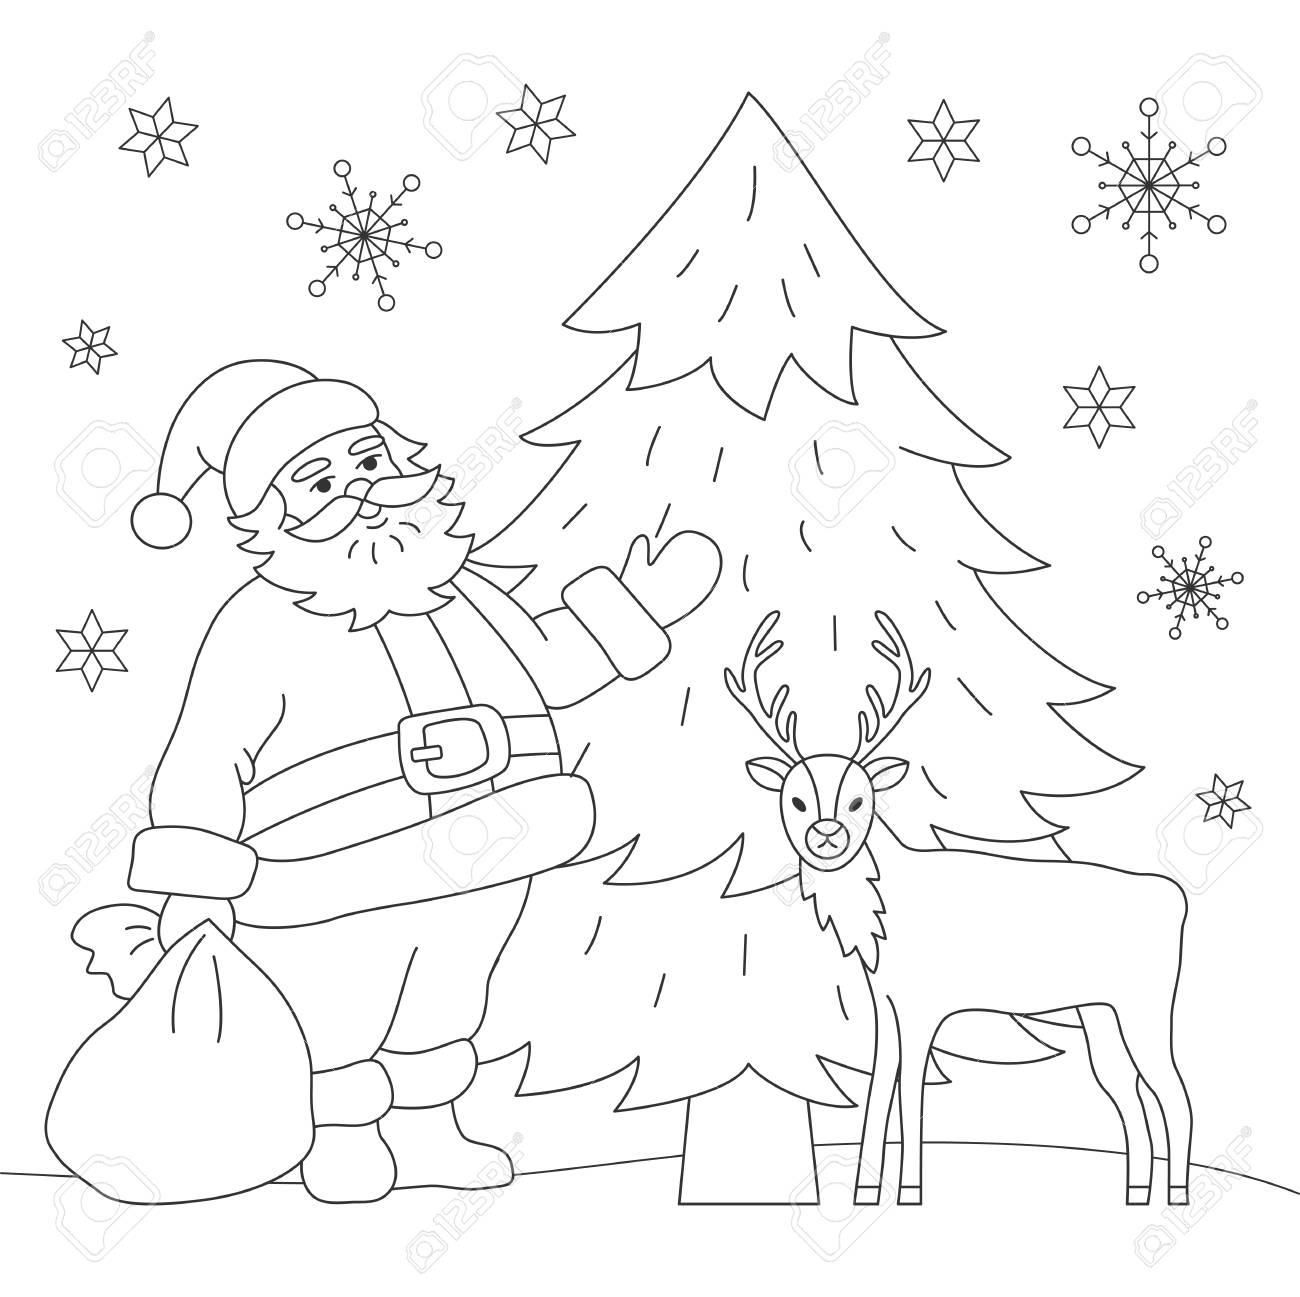 塗り絵サンタと鹿ベクトルの図のイラスト素材ベクタ Image 90325745